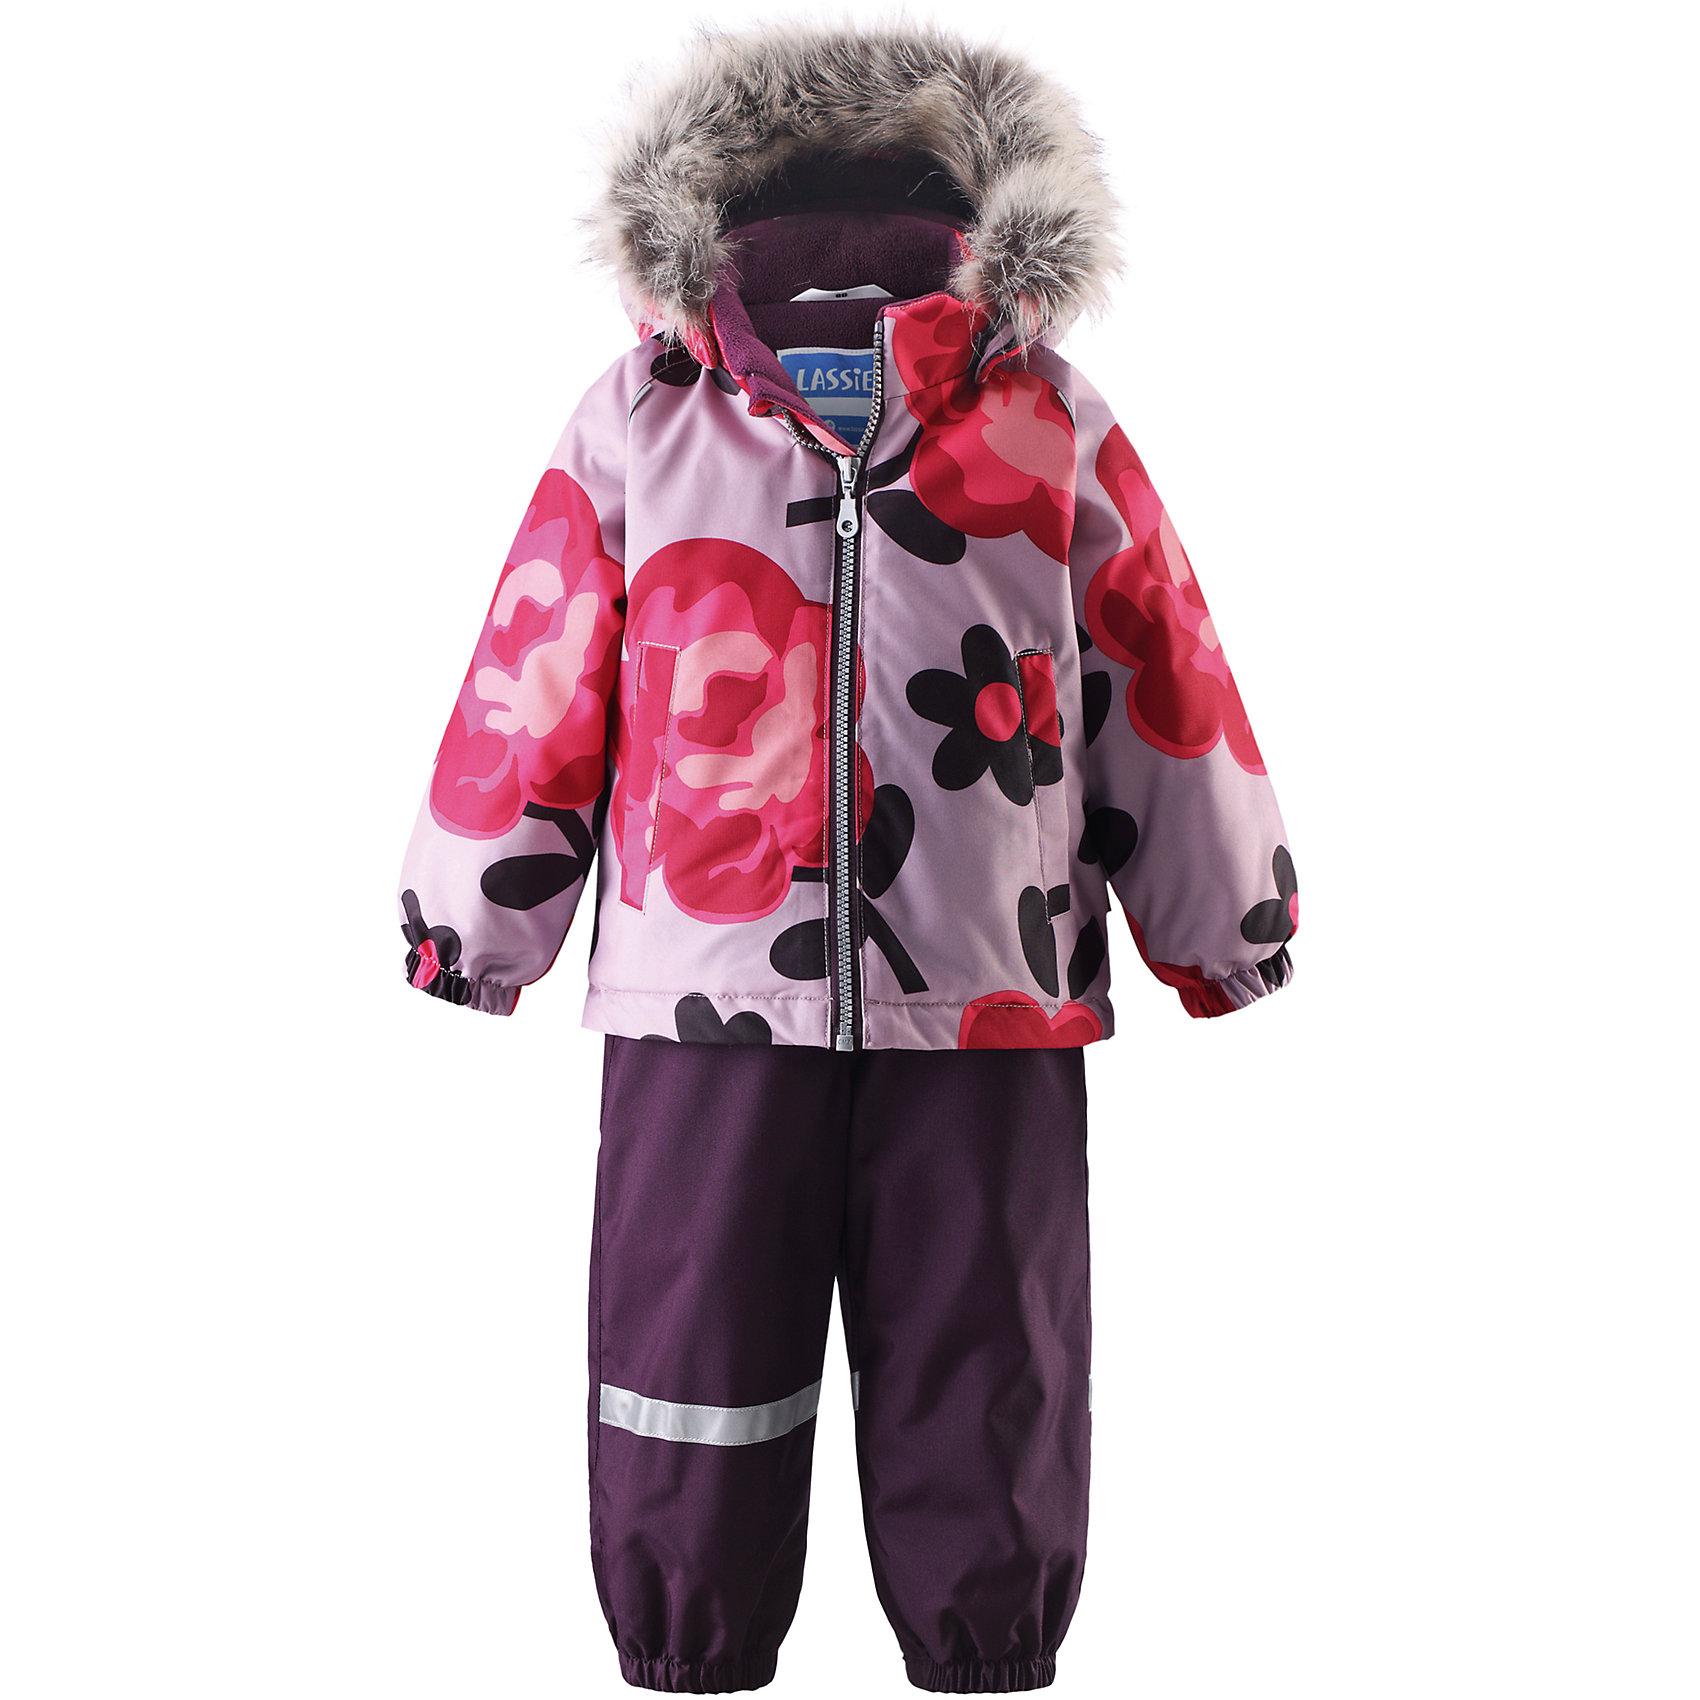 Комплект для девочки LASSIEОдежда<br>Зимний комбинезон для малышей известной финской марки.<br><br>- Прочный материал. Водоотталкивающий, ветронепроницаемый, «дышащий» и грязеотталкивающий материал.<br>- Задний серединный шов брюк проклеен. <br>- Мягкая теплая подкладка из флиса. <br>- Гладкая подкладка из полиэстра.<br>-  Безопасный съемный капюшон с отсоединяемой меховой каймой из искусственного меха. <br>- Эластичные манжеты. Эластичная талия.<br>-  Регулируемый подол. Эластичные штанины. <br>- Съемные эластичные штрипки. Два прорезных кармана. <br>- Регулируемые эластичные подтяжки.<br>-  Принт по всей поверхности. <br><br>Рекомендации по уходу: Стирать по отдельности, вывернув наизнанку. Перед стиркой отстегните искусственный мех. Застегнуть молнии и липучки. Соблюдать температуру в соответствии с руководством по уходу. Стирать моющим средством, не содержащим отбеливающие вещества. Полоскать без специального средства. Сушение в сушильном шкафу разрешено при  низкой температуре.<br><br>Состав: 100% Полиамид, полиуретановое покрытие.  Утеплитель «Lassie wadding» 140гр.(брюки); 180гр.(куртка).<br><br>Ширина мм: 190<br>Глубина мм: 74<br>Высота мм: 229<br>Вес г: 236<br>Цвет: розовый<br>Возраст от месяцев: 12<br>Возраст до месяцев: 15<br>Пол: Женский<br>Возраст: Детский<br>Размер: 80,86,92,98,74<br>SKU: 4781603